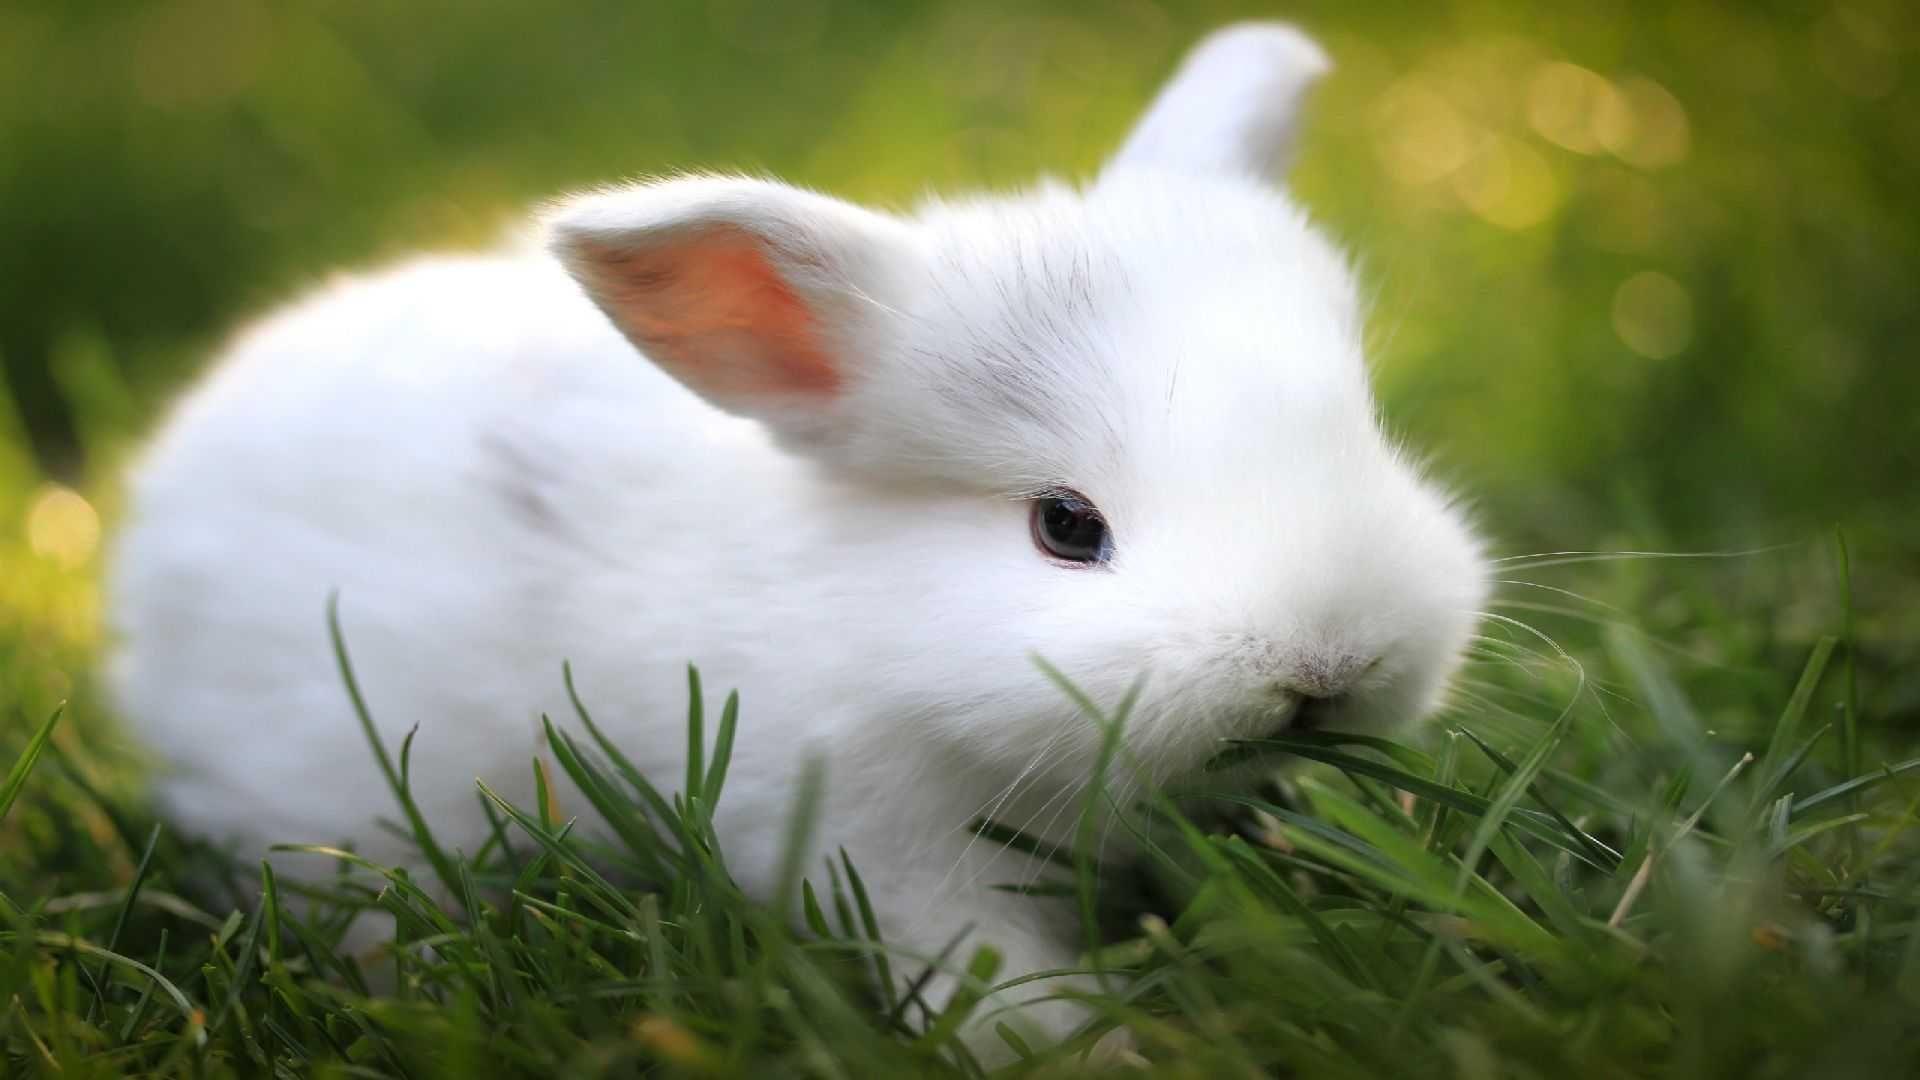 Bunny good wallpaper hd